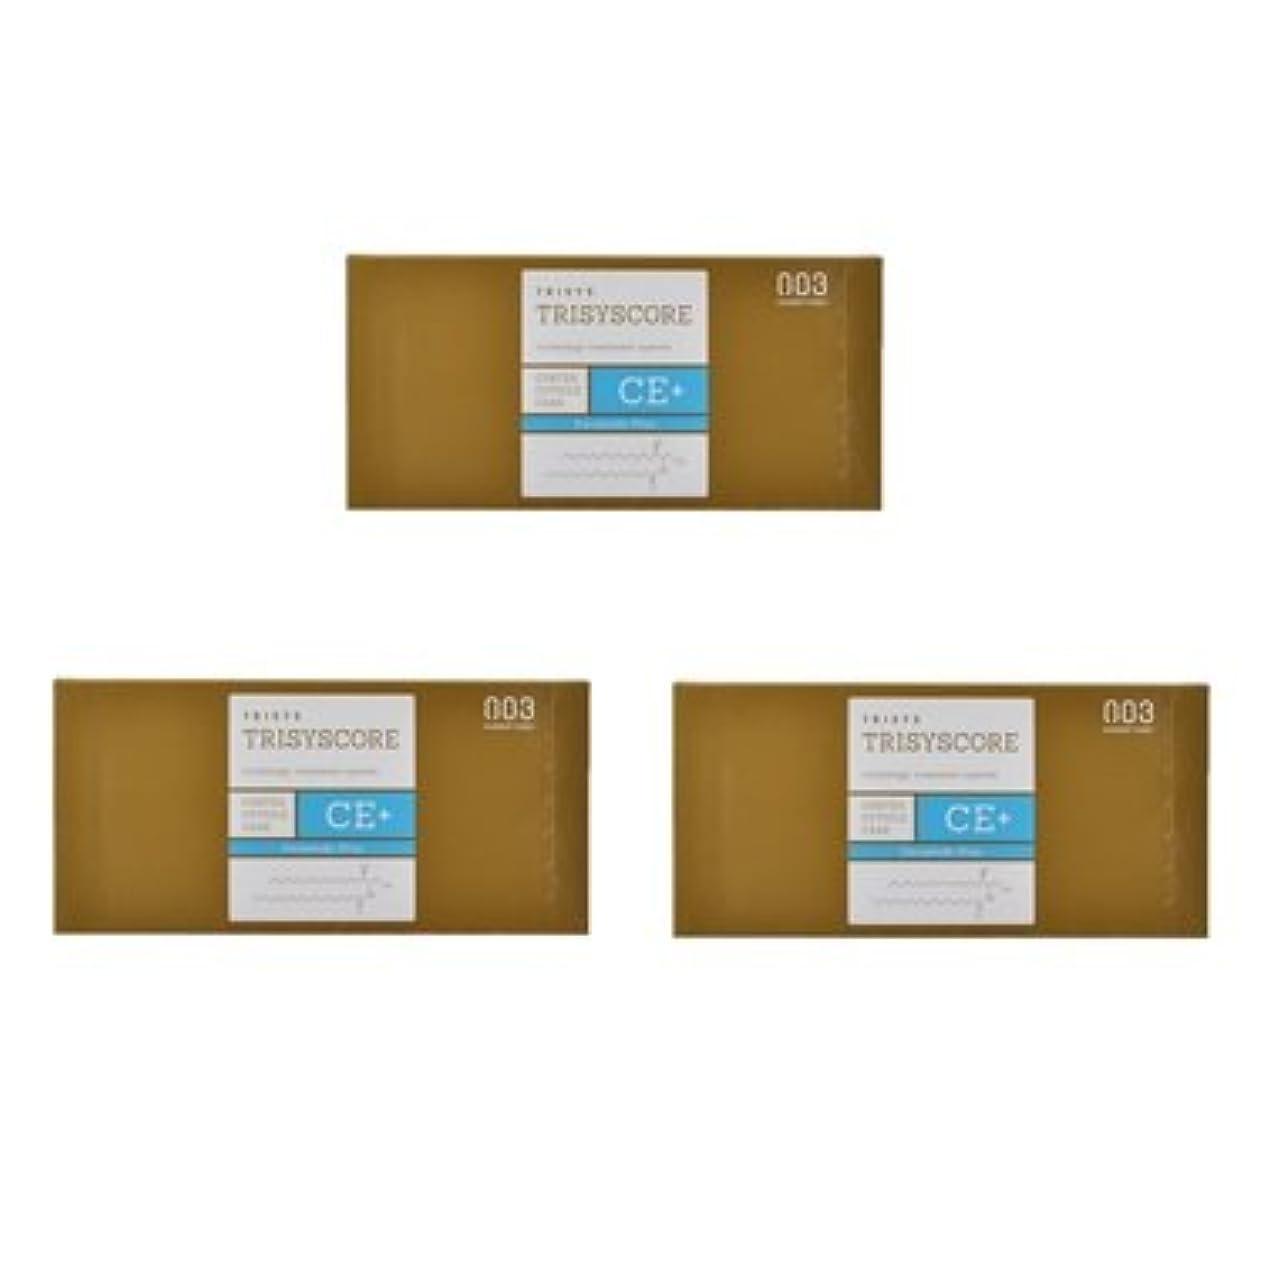 娯楽病的不当【X3個セット】ナンバースリー トリシスコア CEプラス (ヘアトリートメント) 12g × 4包入り